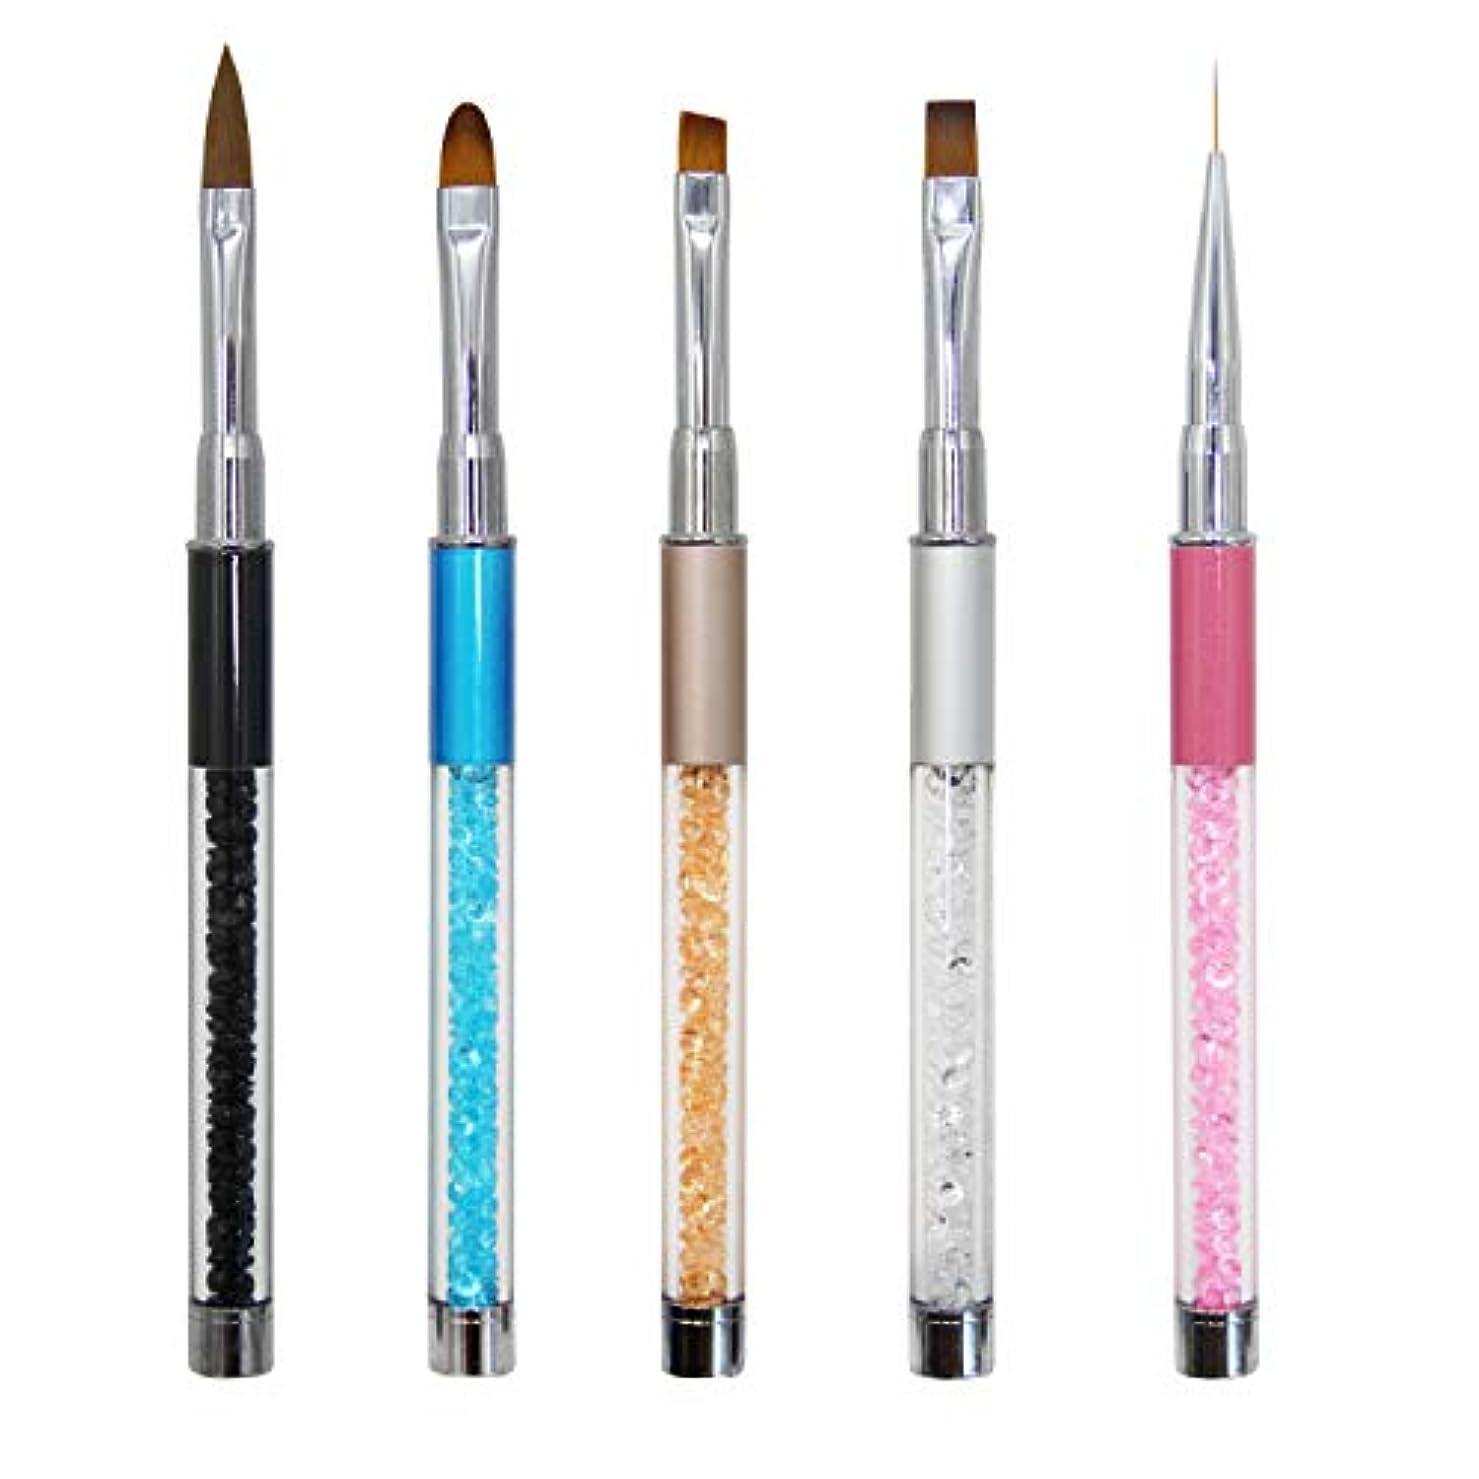 実行するごちそう試みネイルブラシ Missct 高品質 ネイルアート筆 ジェルネイルペン フレンチ 平筆 ネイルペン アクリル 画筆 UV用 ネイルツール ネイル用品 キャップ付き 5本セット